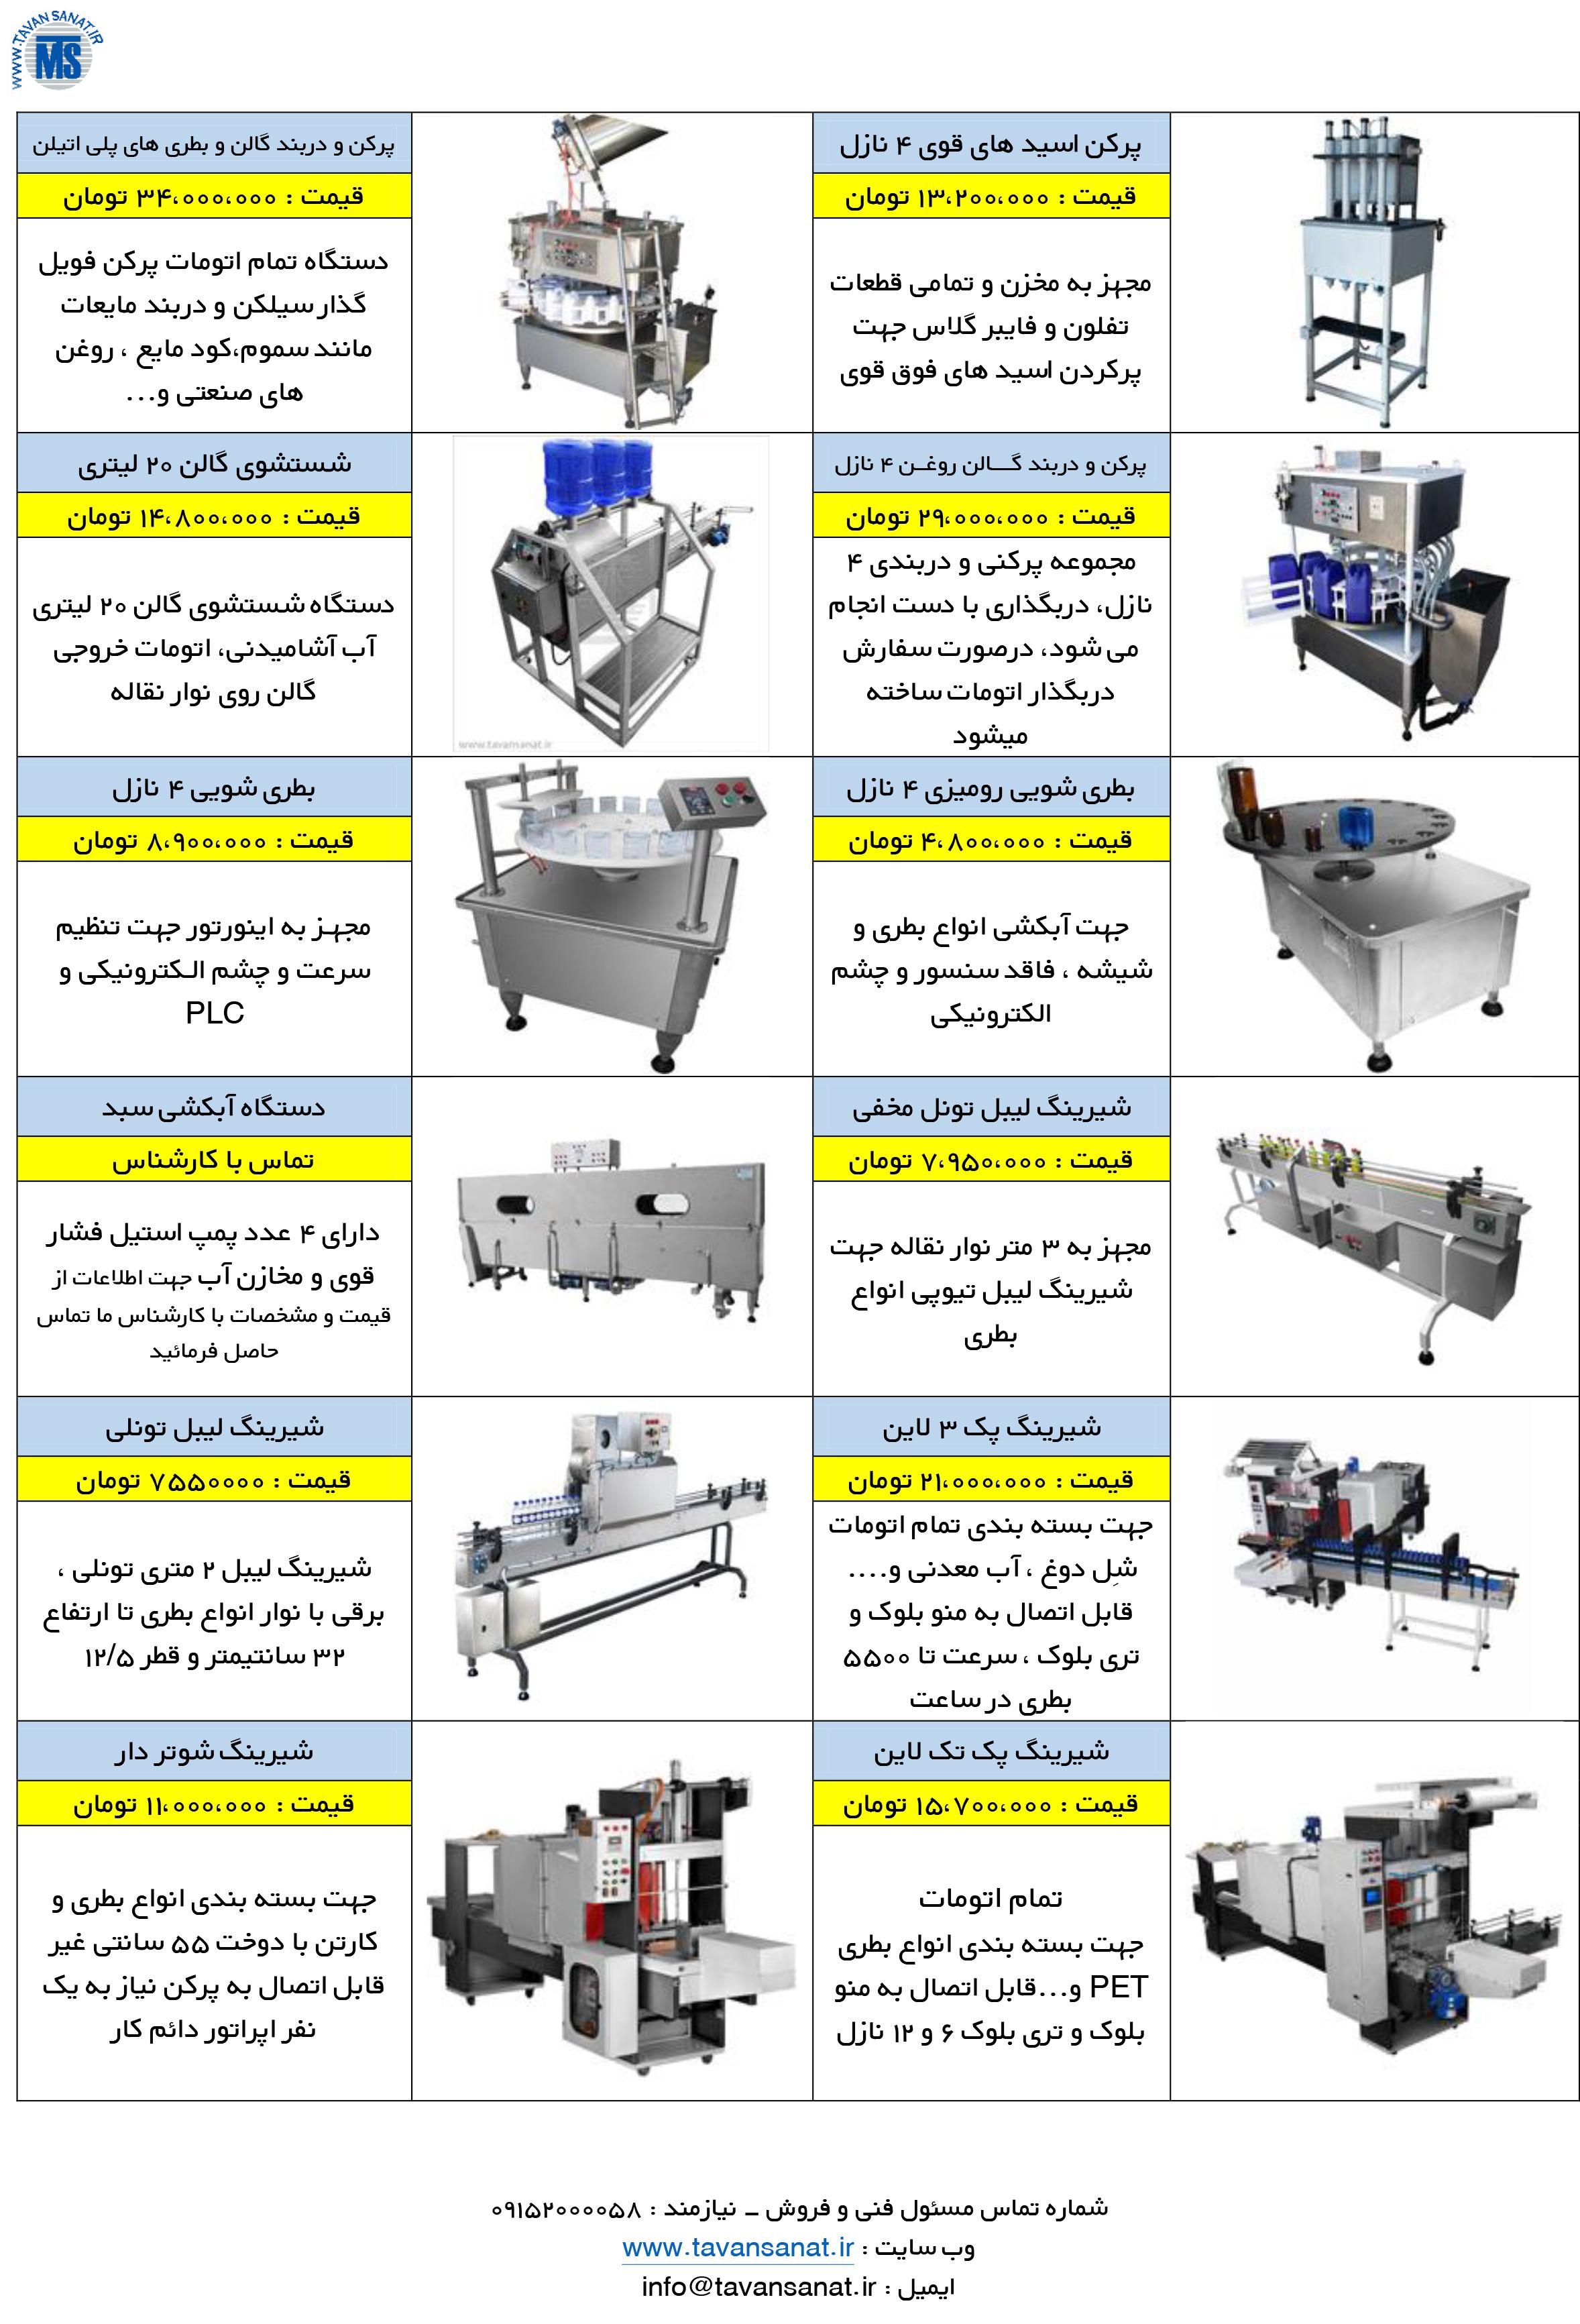 توان صنعت - دستگاه پرکن مایعات رقیق و غلیظ ، تری بلوک و شیرینگ پک ، دستگاه پر کن